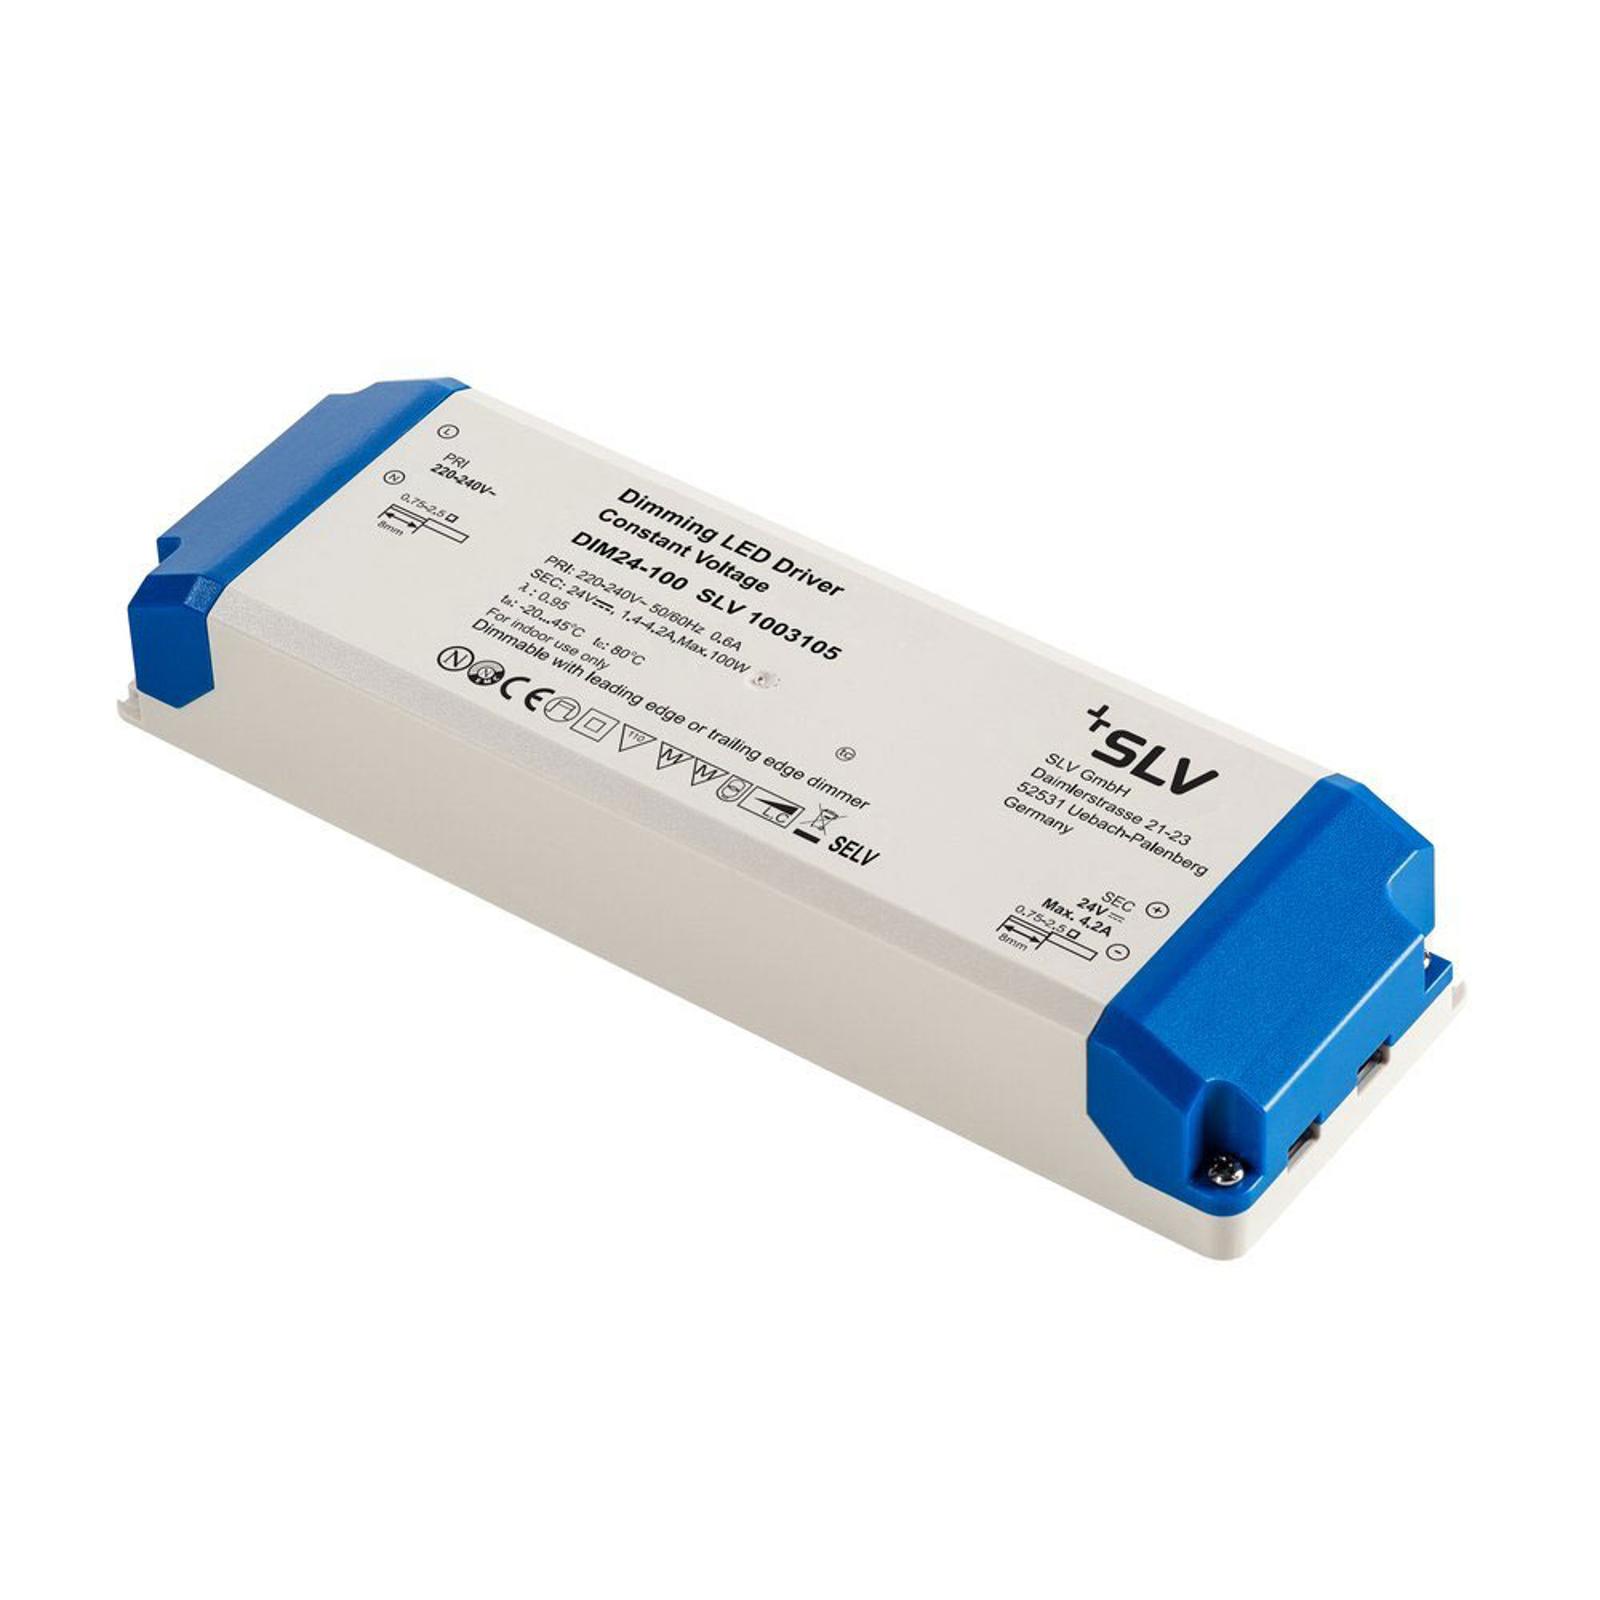 SLV LED-Treiber 24V, 100W, TRIAC-dimmbar